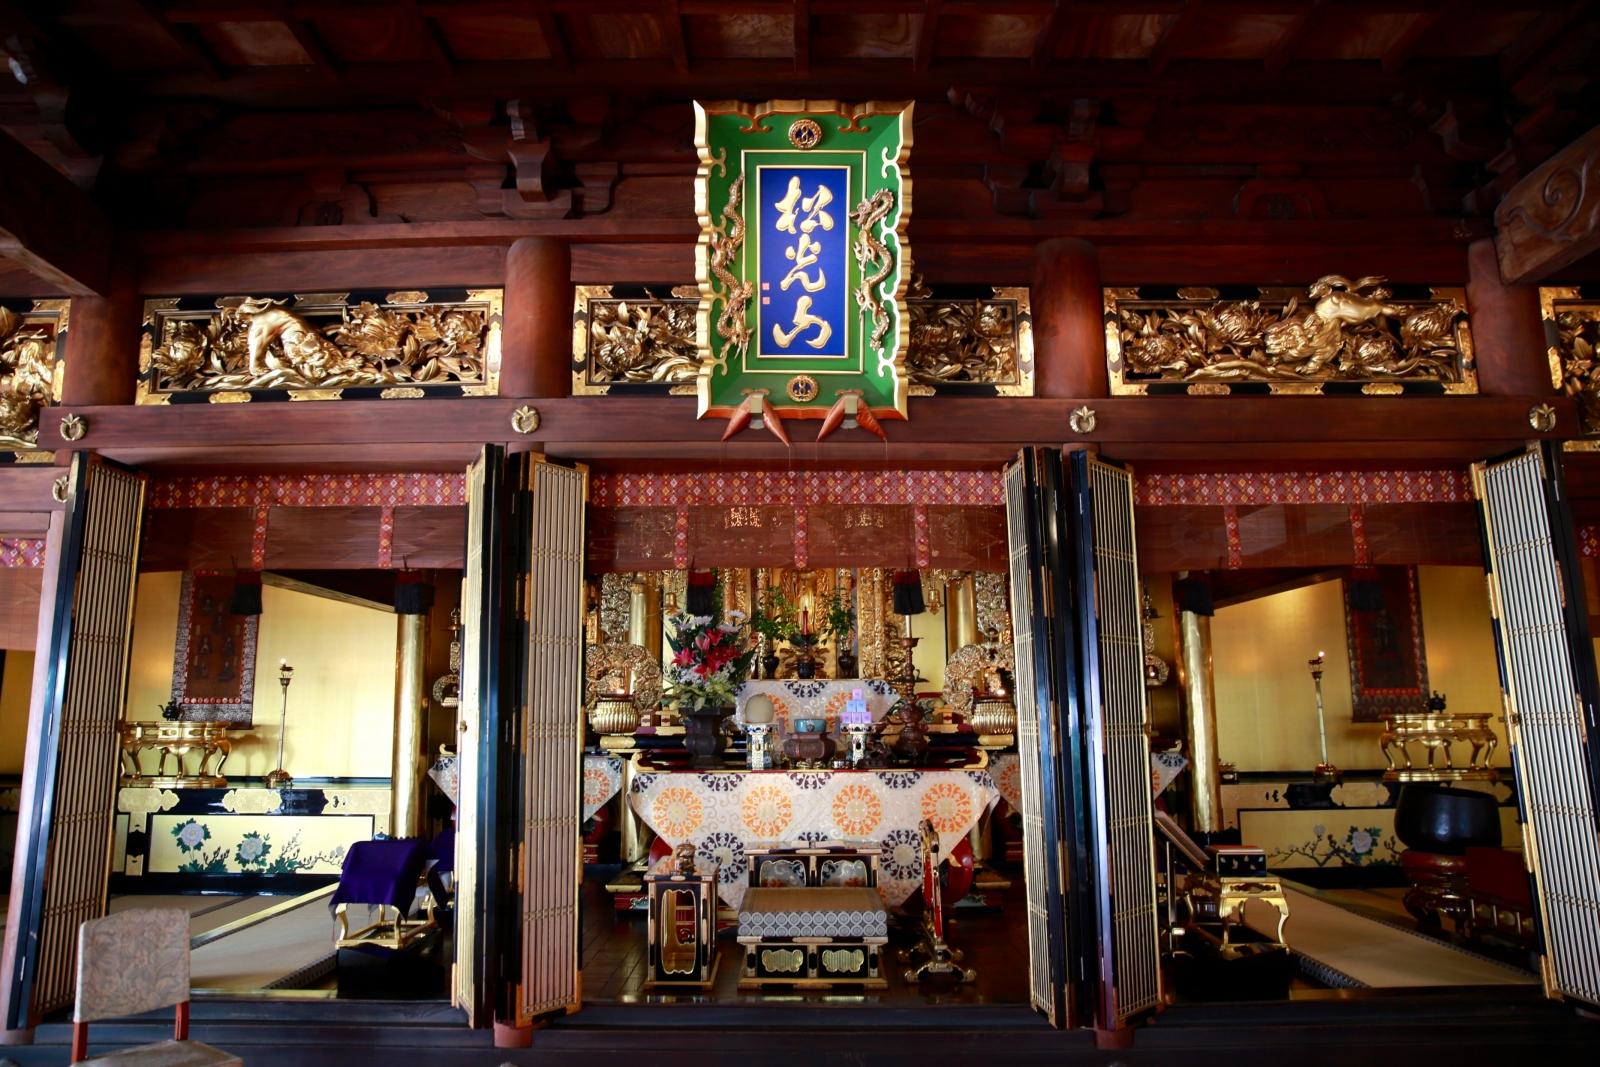 地域に開かれたお寺。歓びも悲しみも、ともに分かち合う場所ー日記帳仏前結婚式。